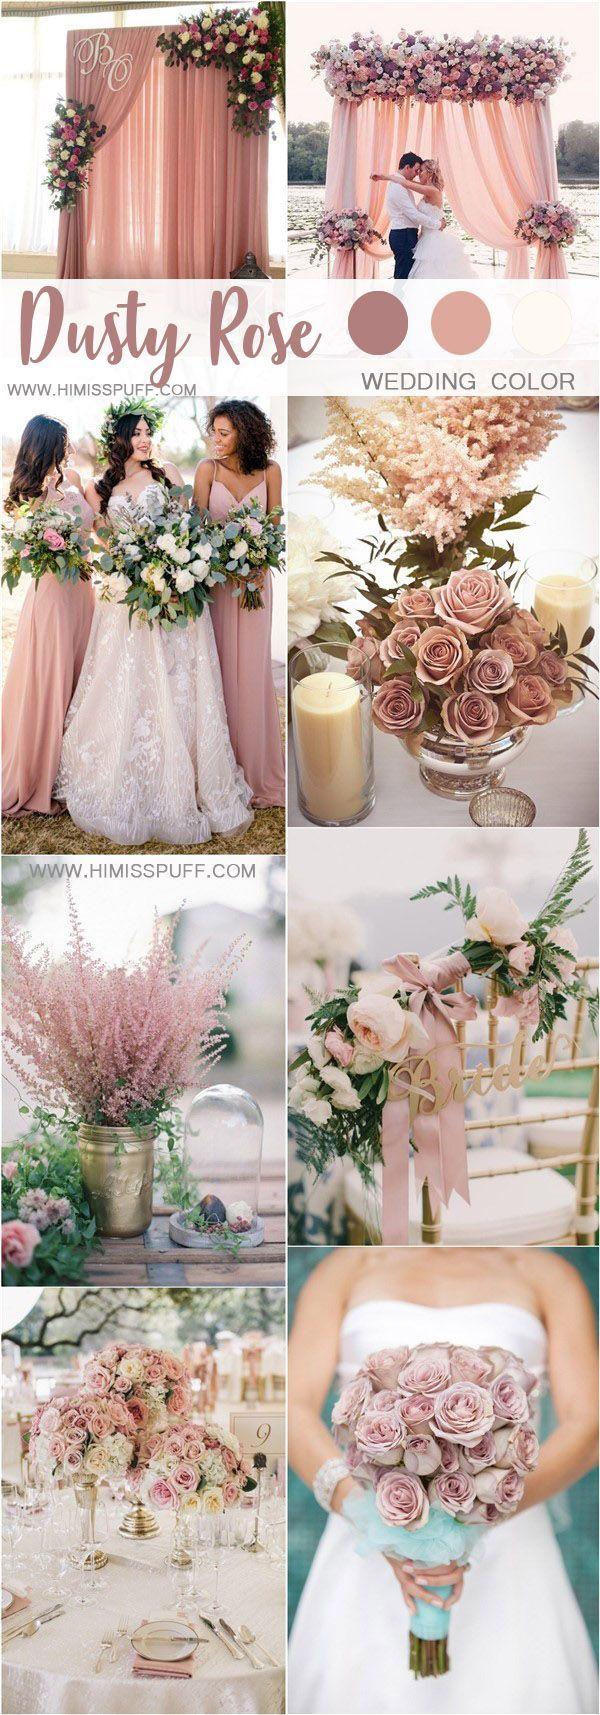 30+ Trendy Dusty Rose Hochzeit Farbideen - Blumen Blog #dustyrosewedding